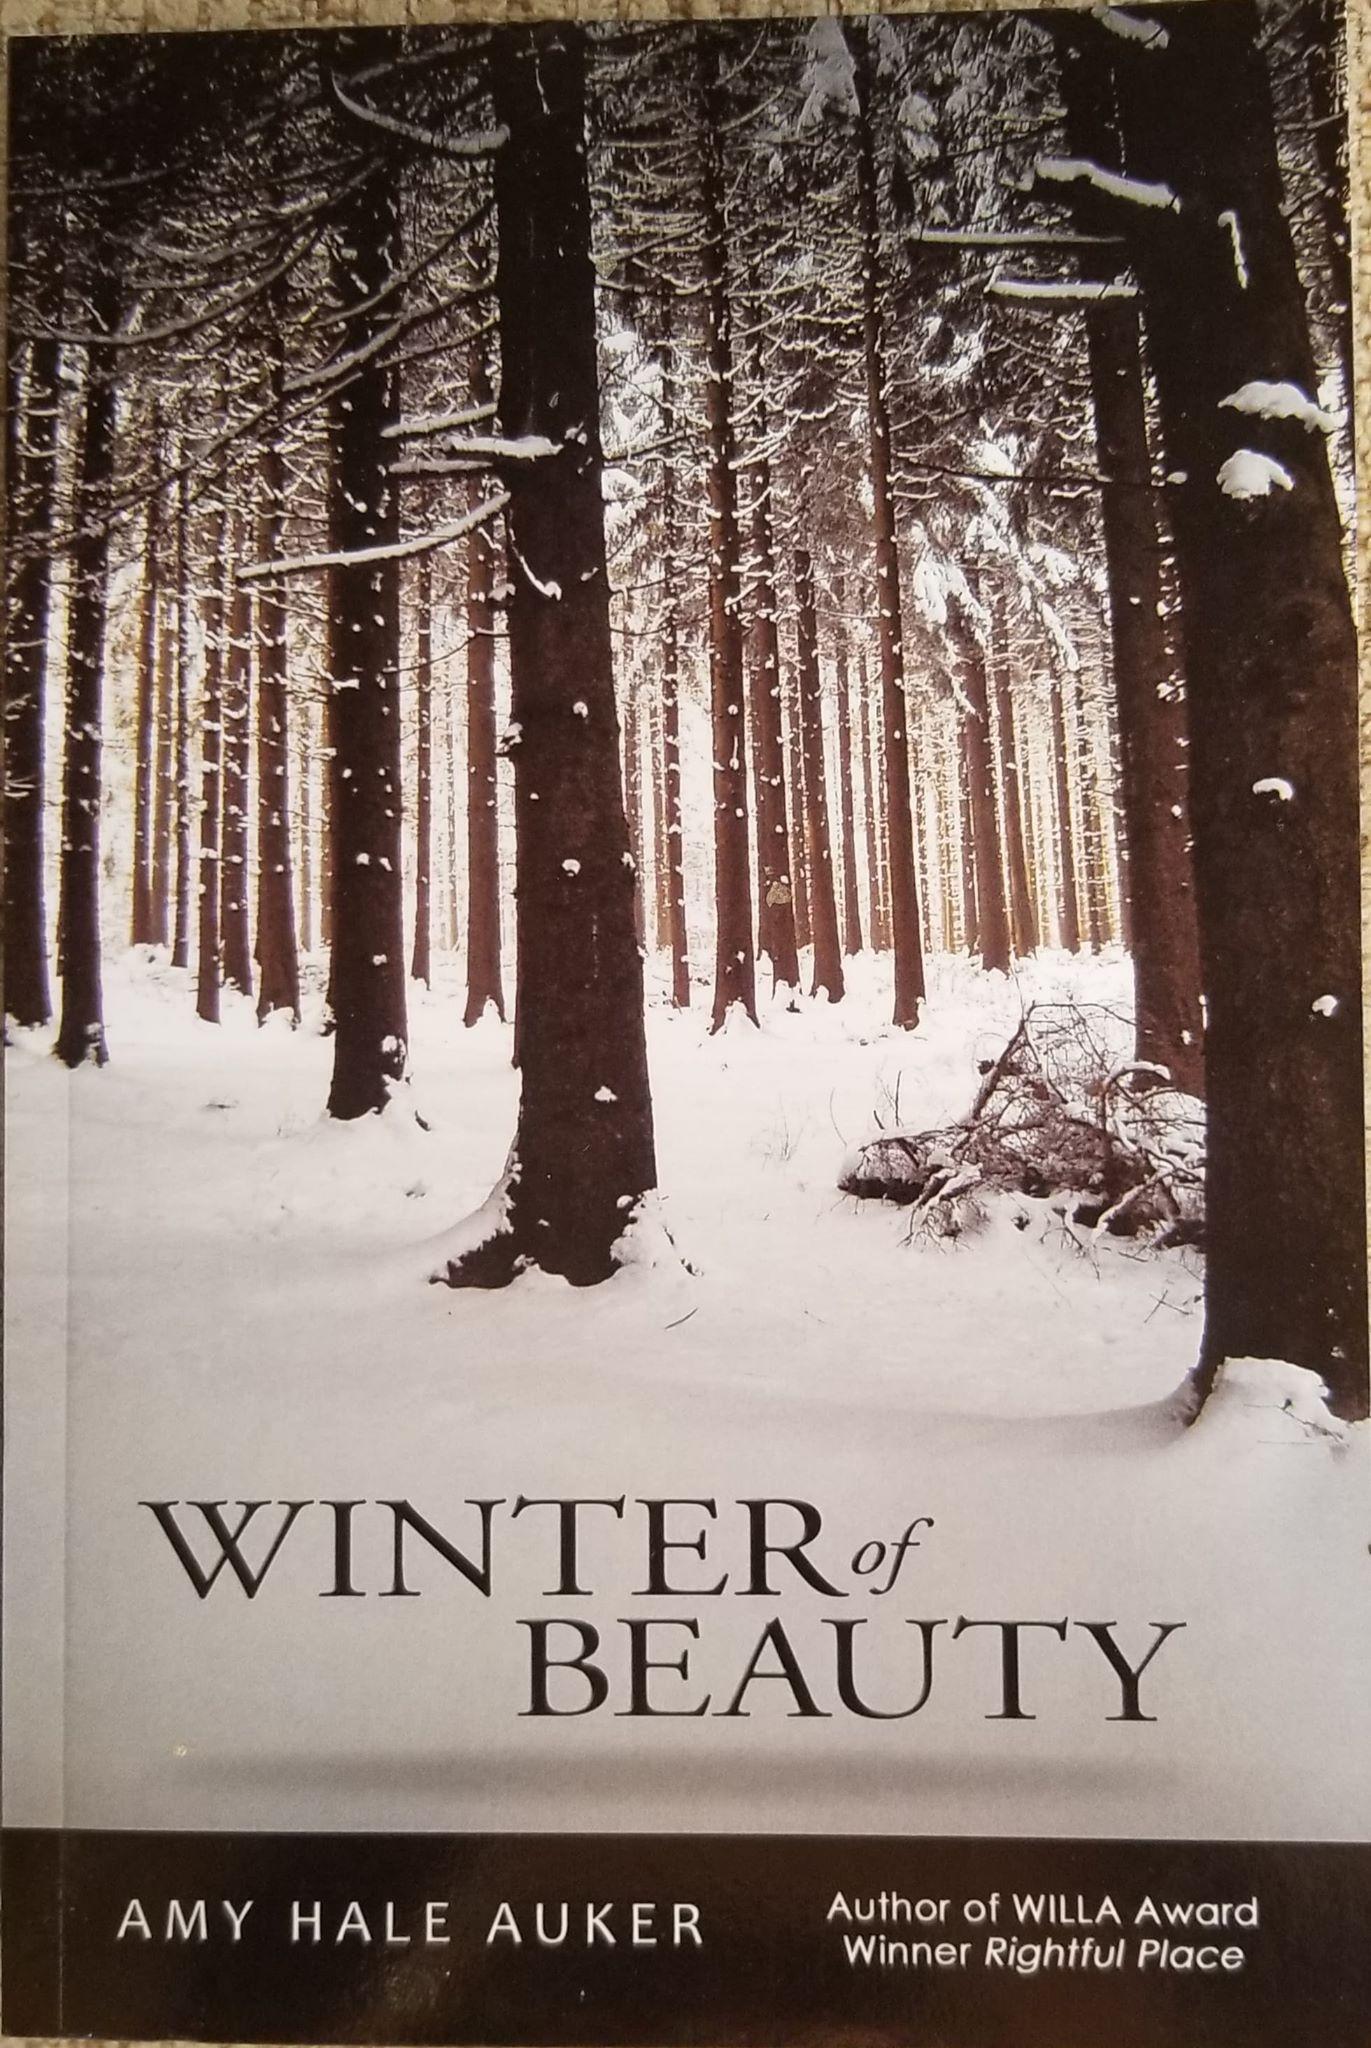 Winter of Beauty